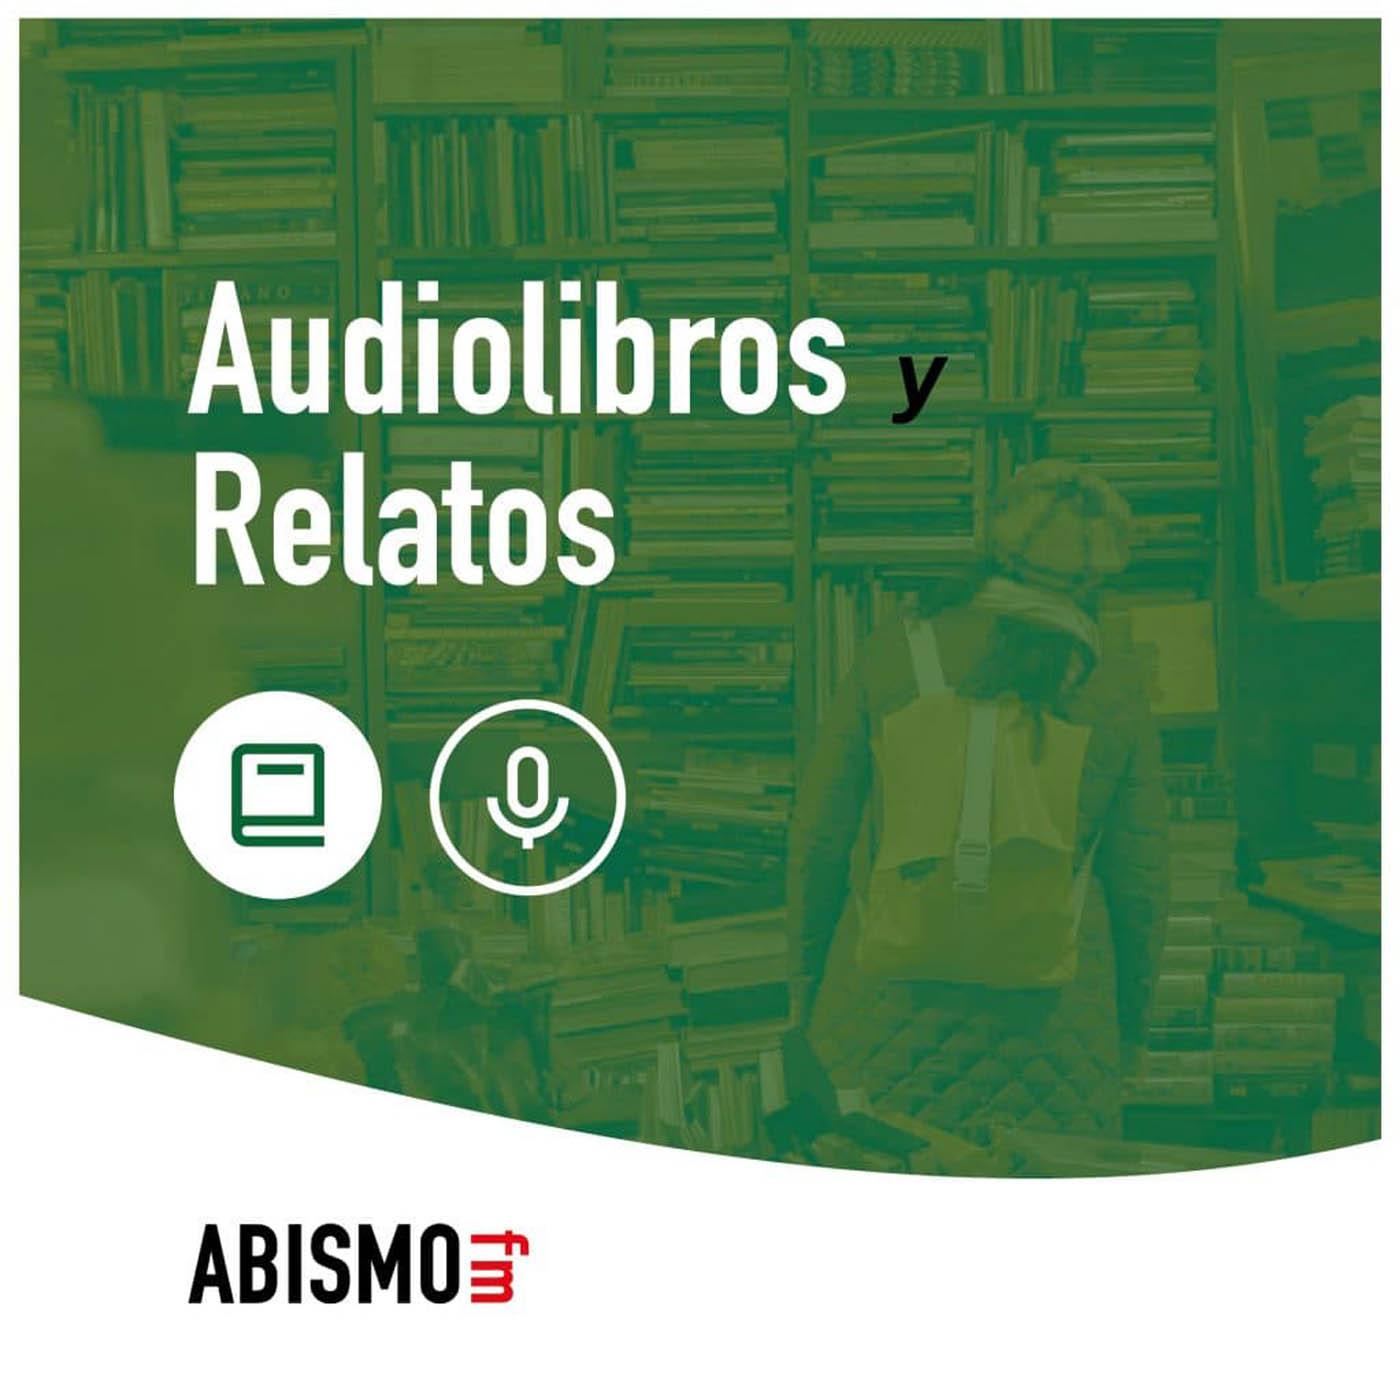 portada audiolibros y relatos